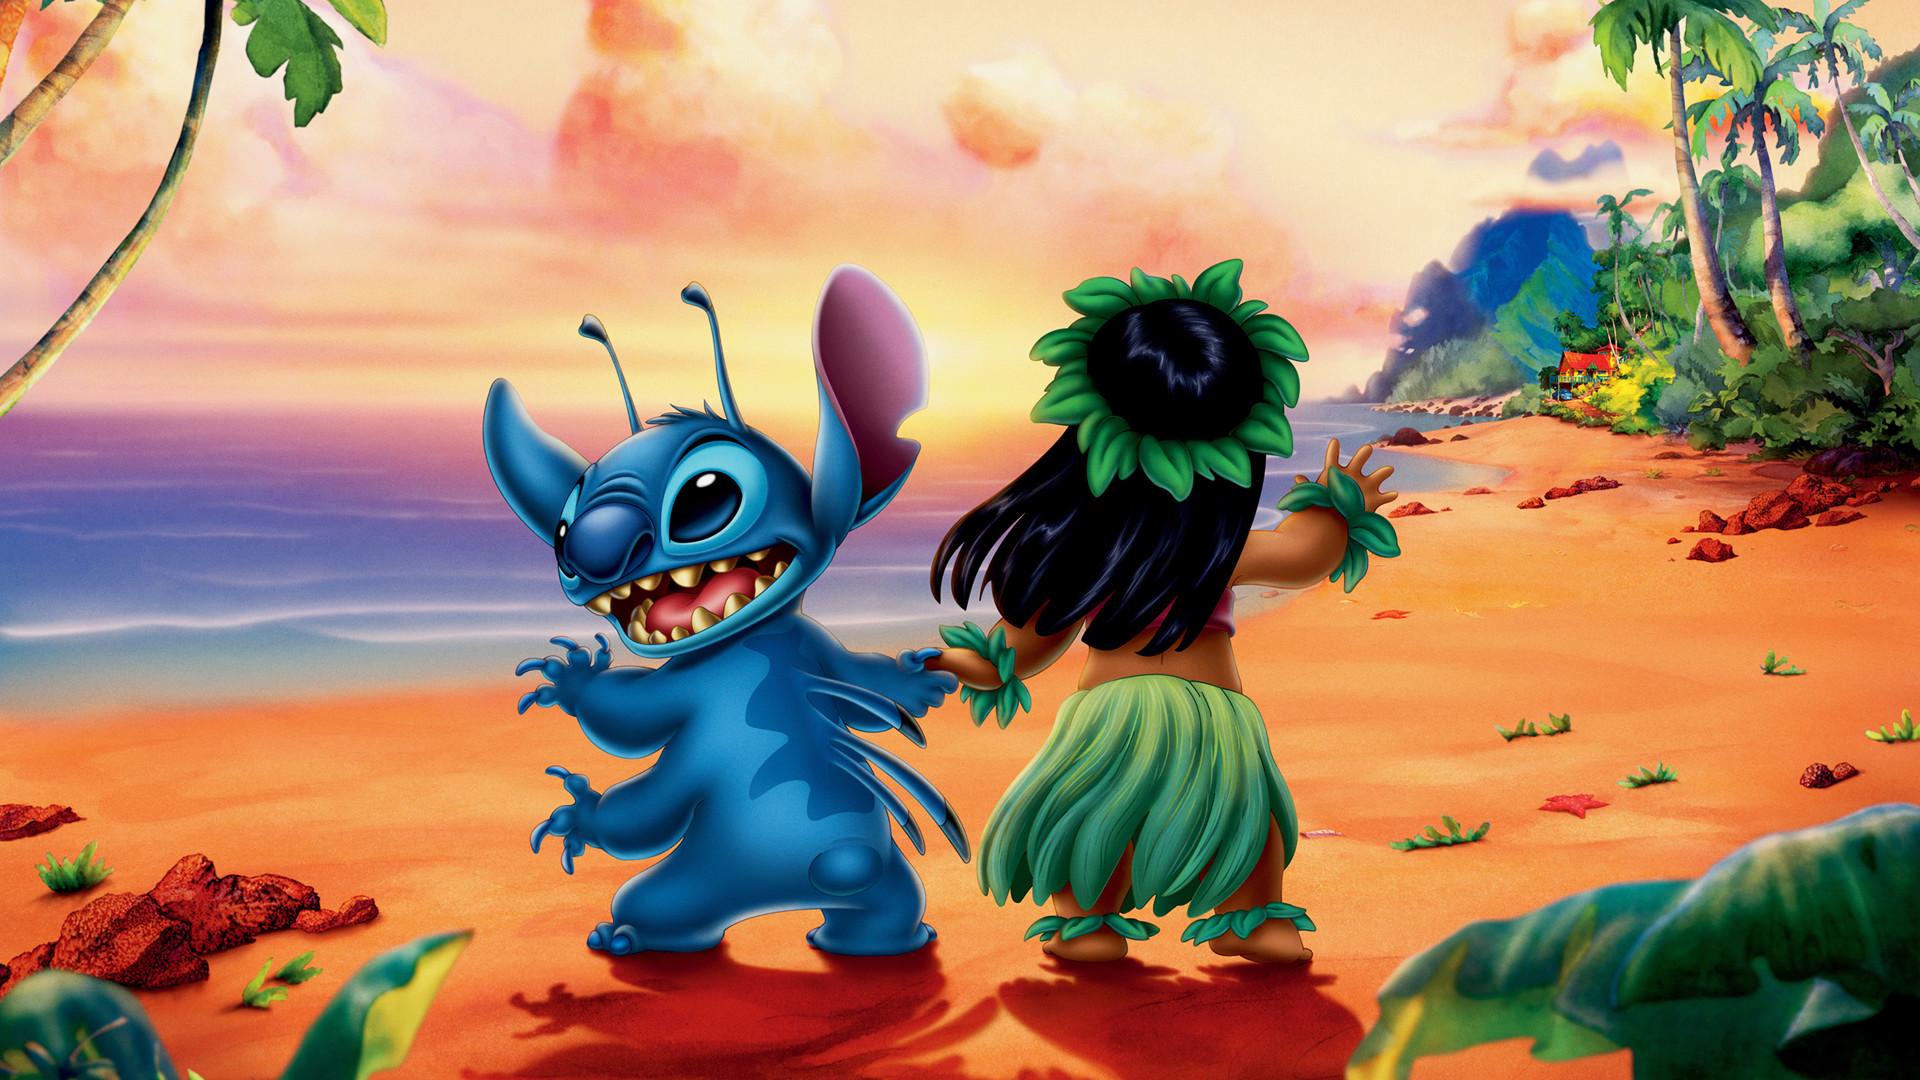 Lilo And Stitch Hula wallpaper – 780626